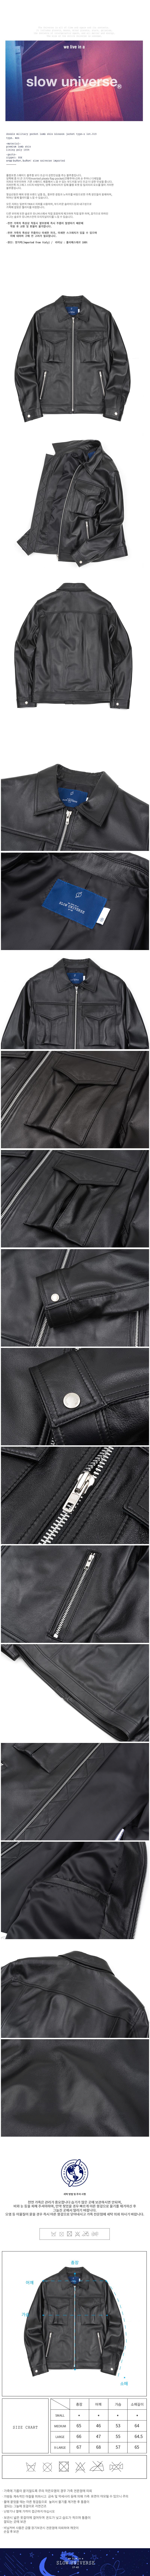 슬로우유니버스(SLOWUNIVERSE) 더블-밀리터리-포켓-램스킨 블루종 재킷 타입-지 (블랙)